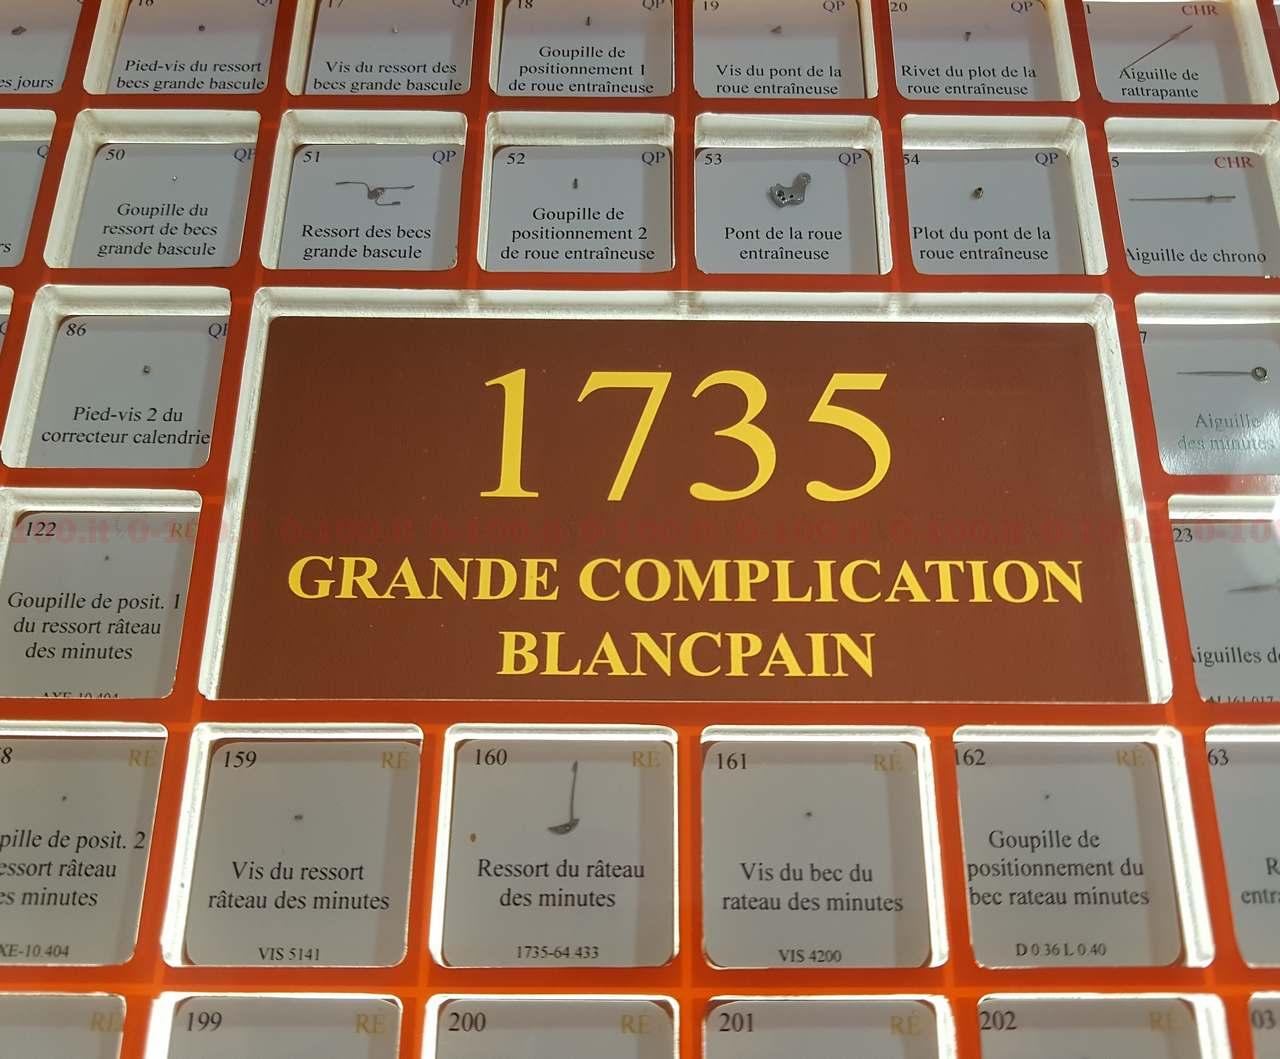 manifacture_blancpain_visit_2017_0-10018